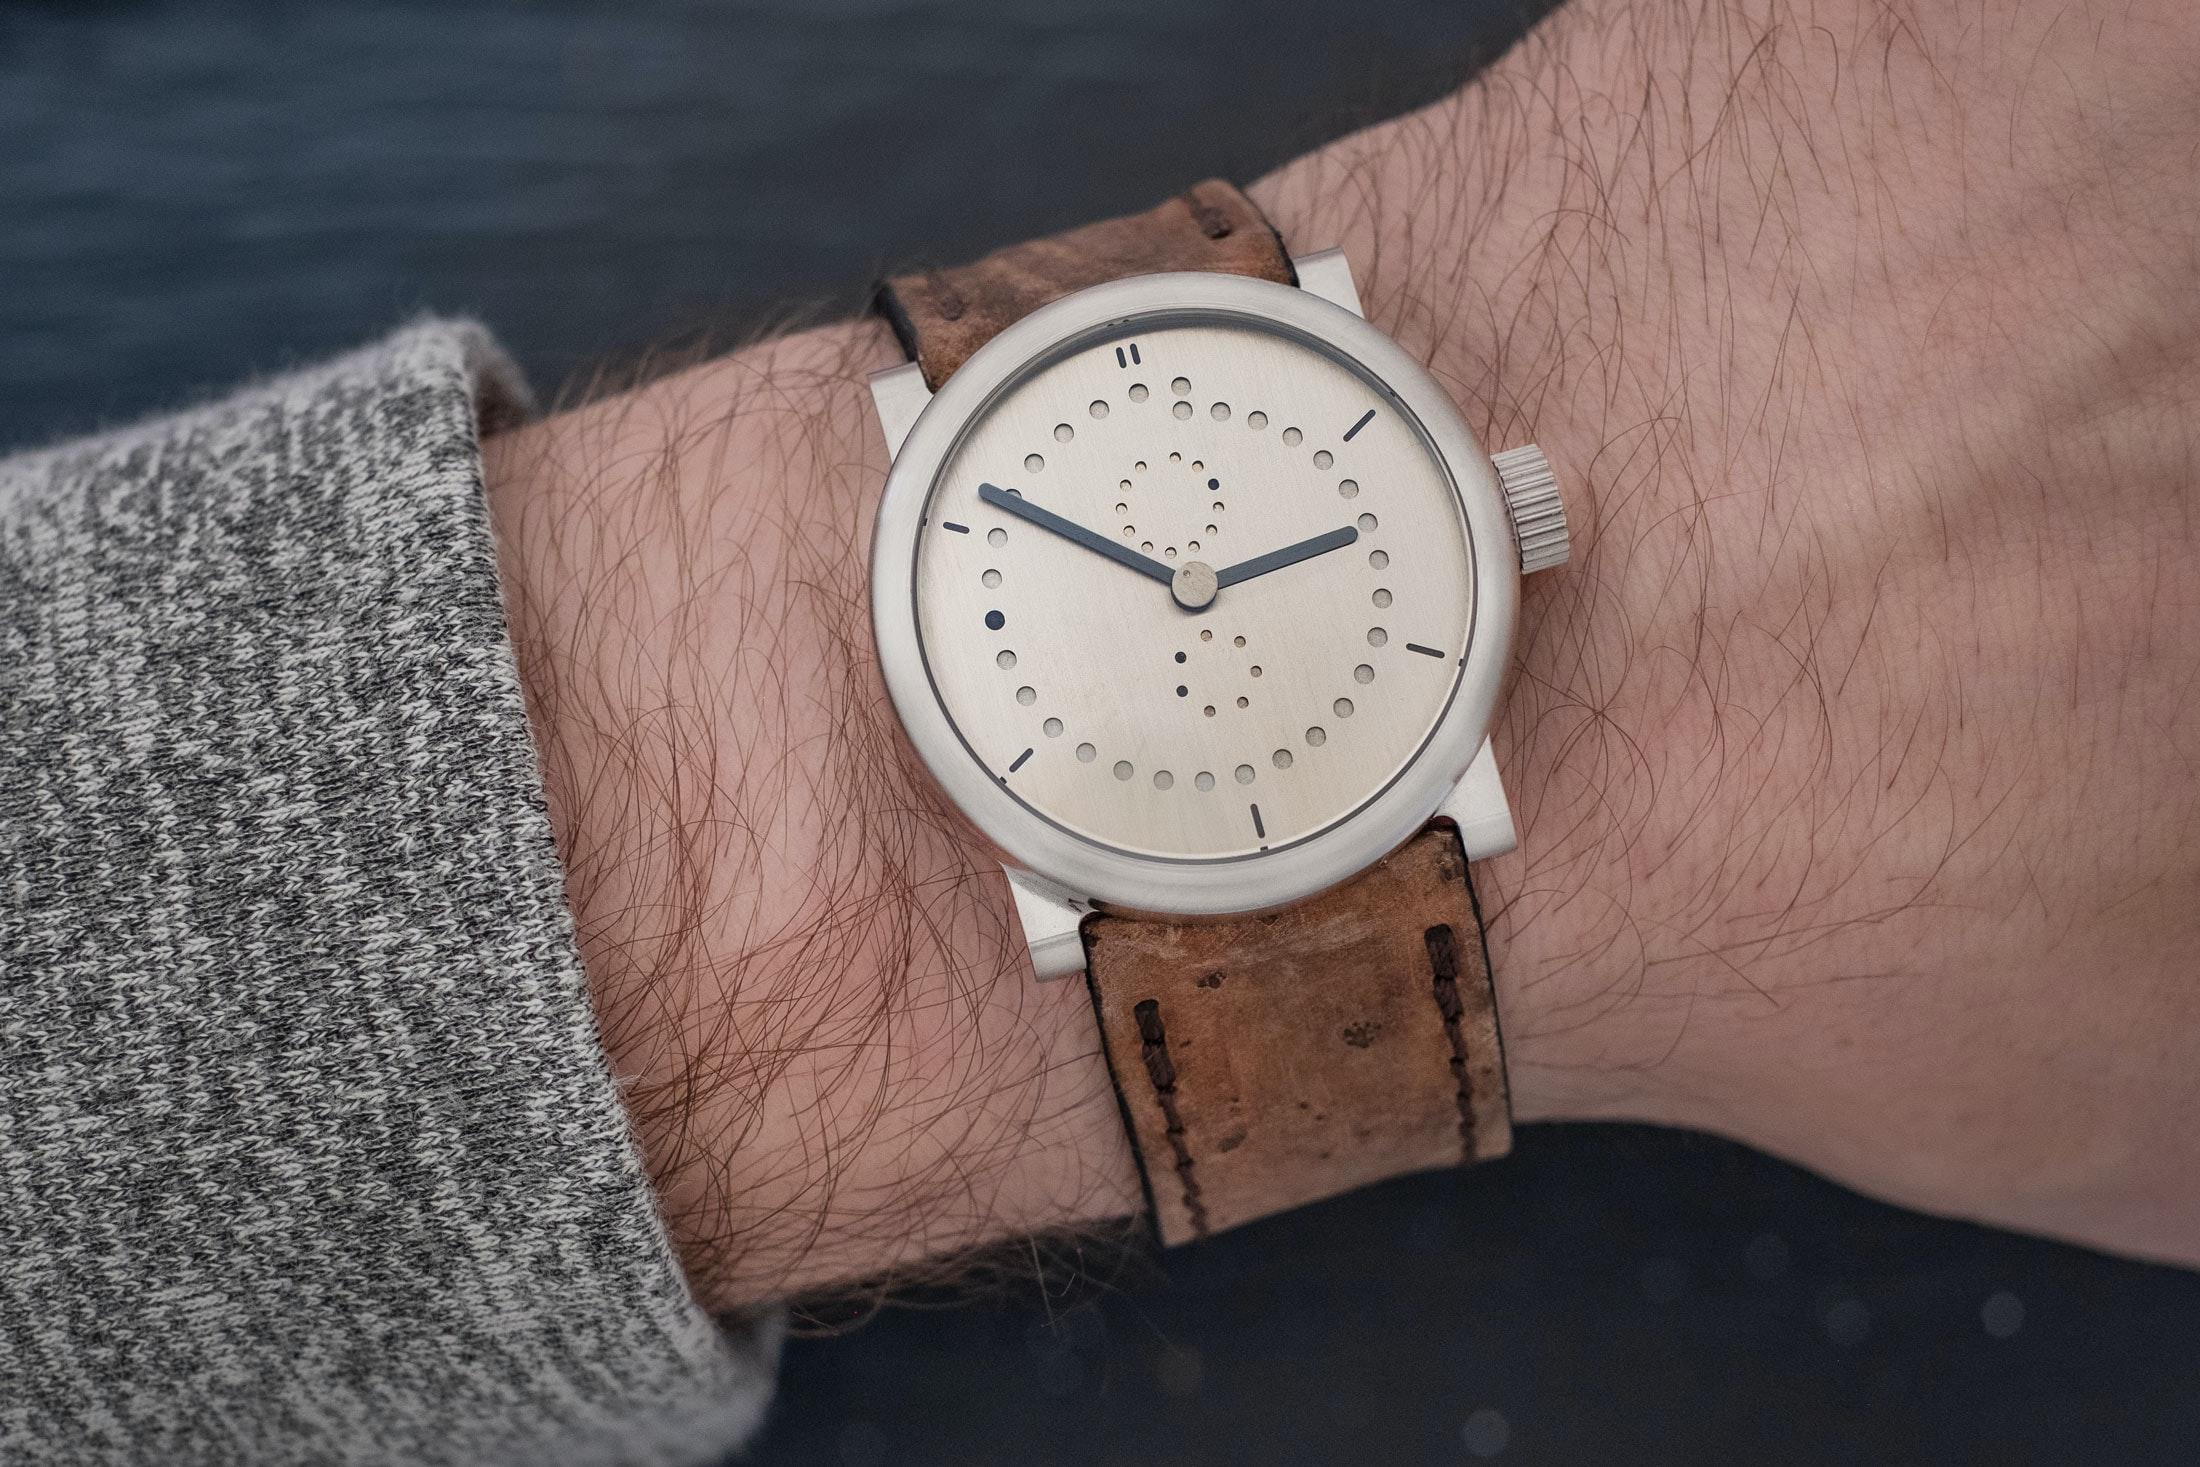 ochs-und-junior-annual-calender-36mm-on-wrist